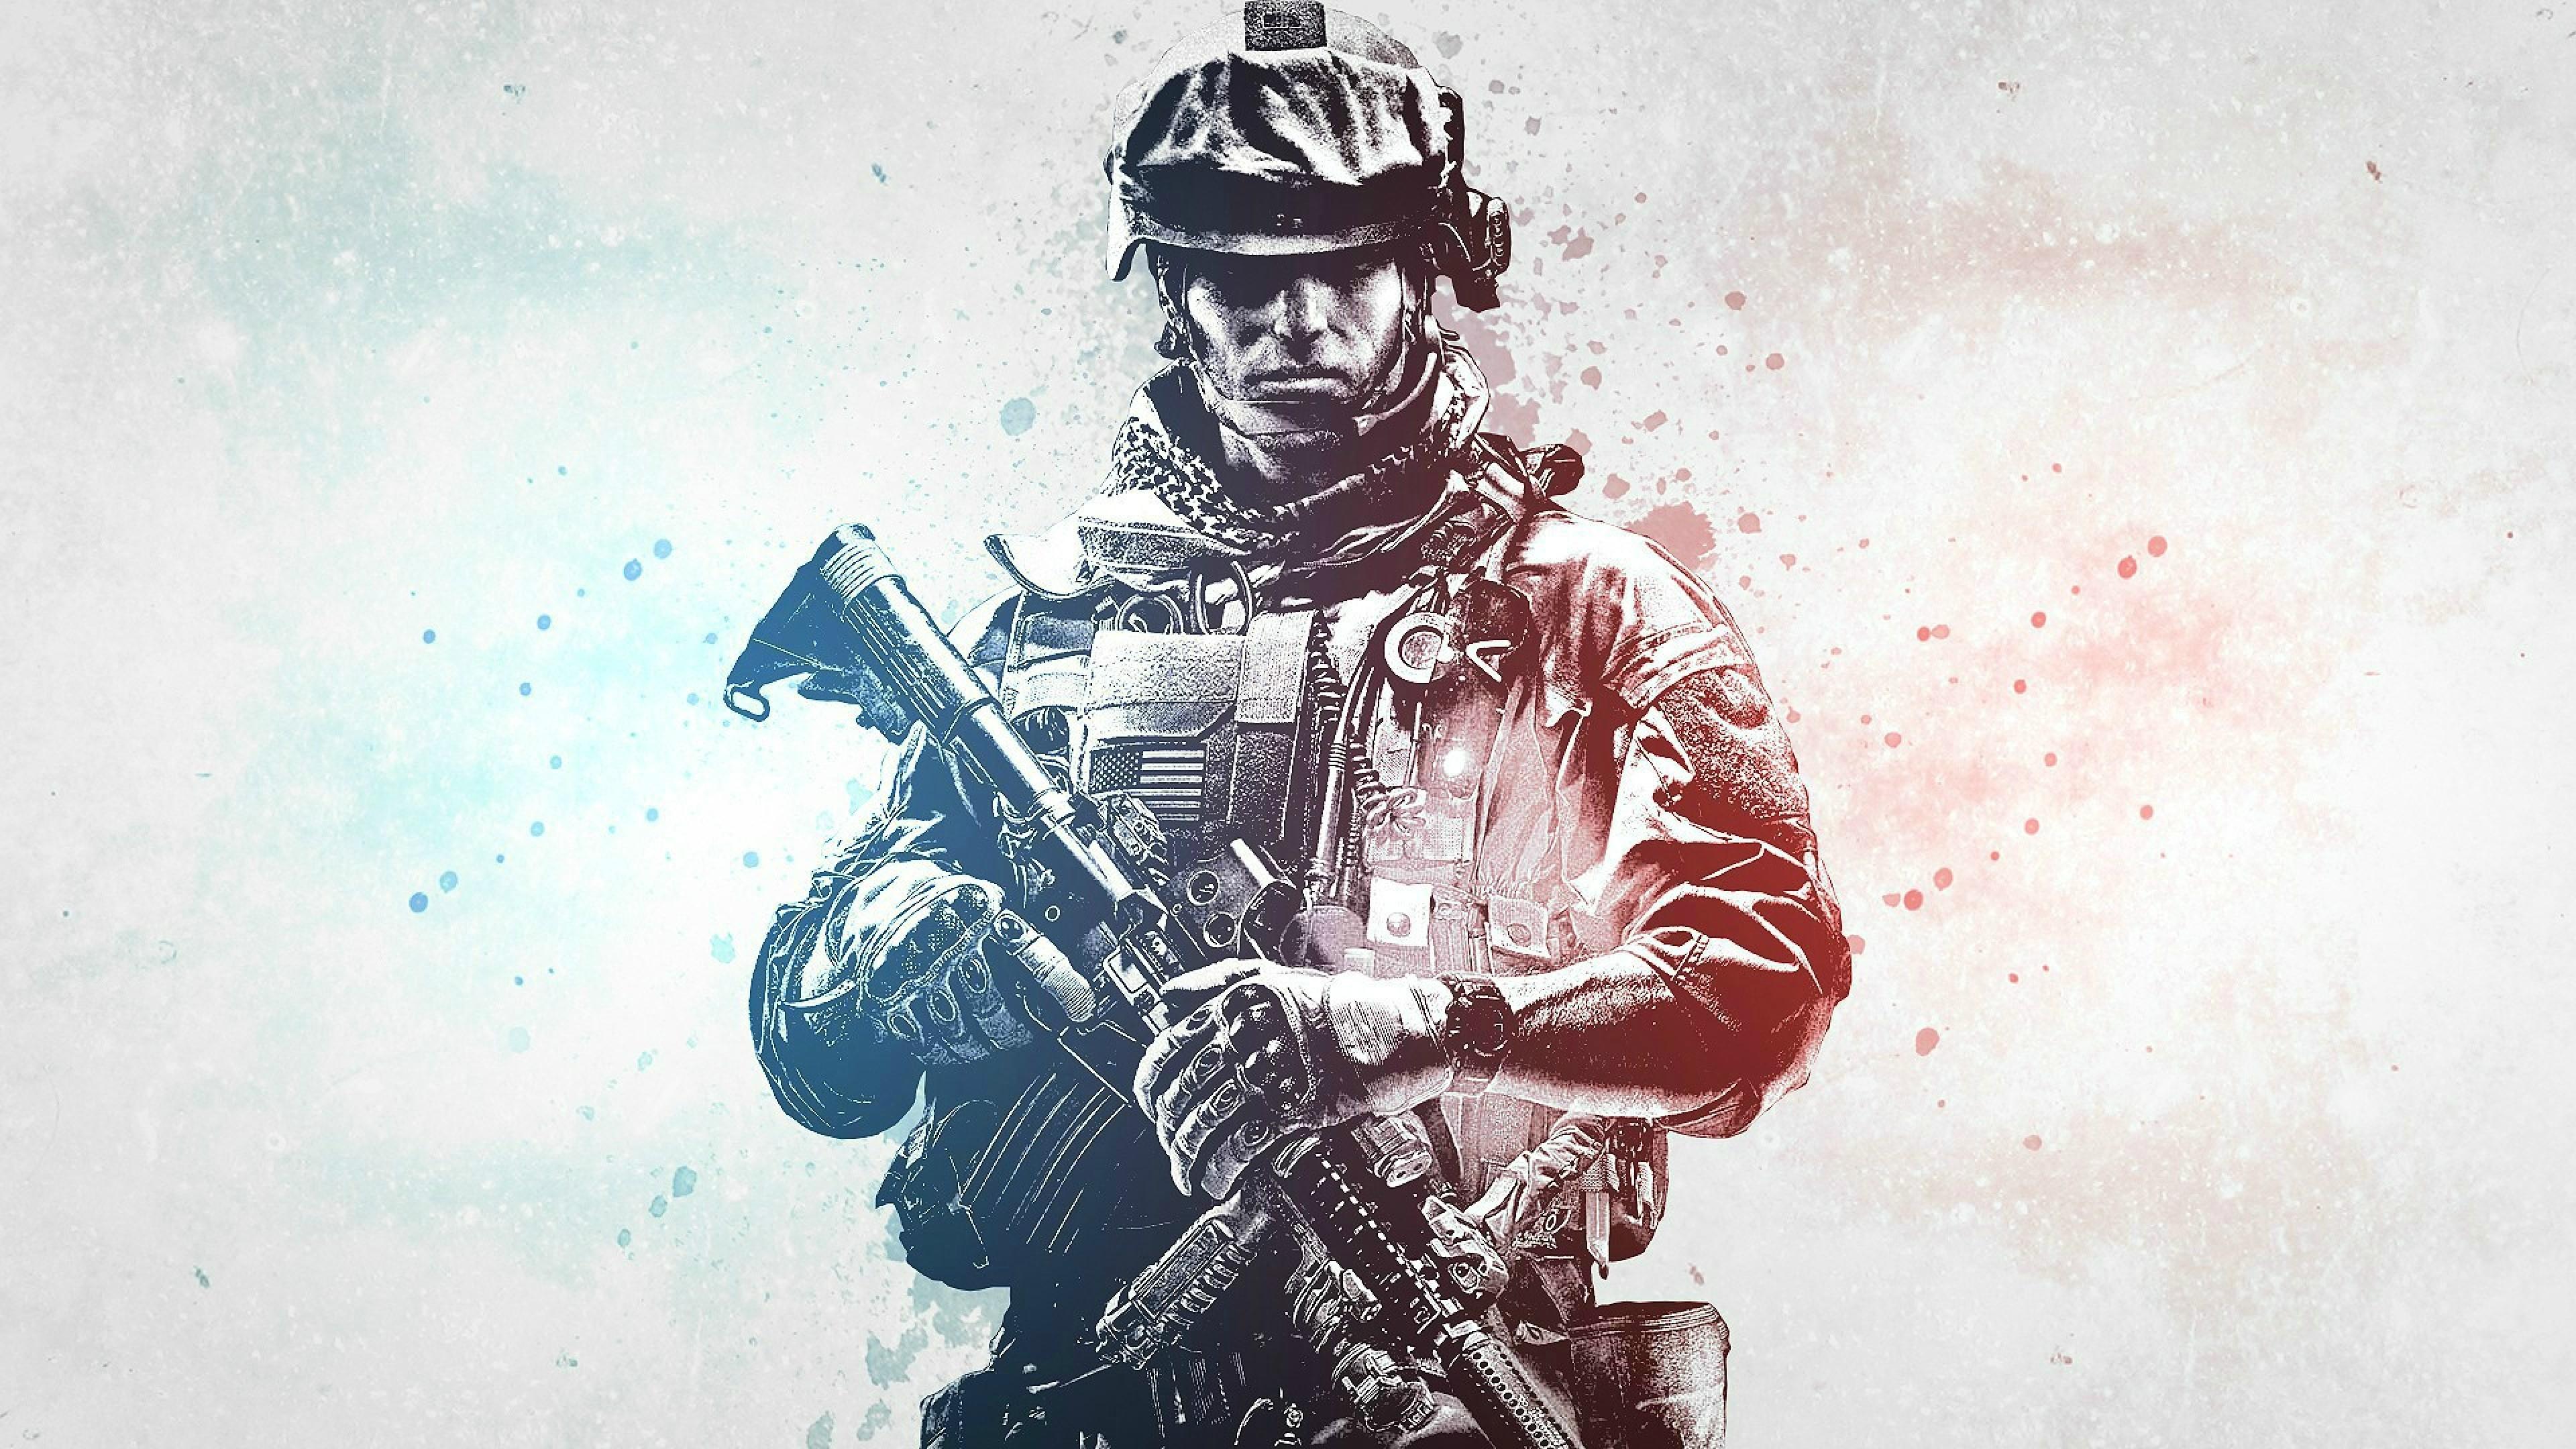 Battlefield 3 Hd Wallpaper 4k Ultra Hd Hd Wallpaper Wallpapersnet